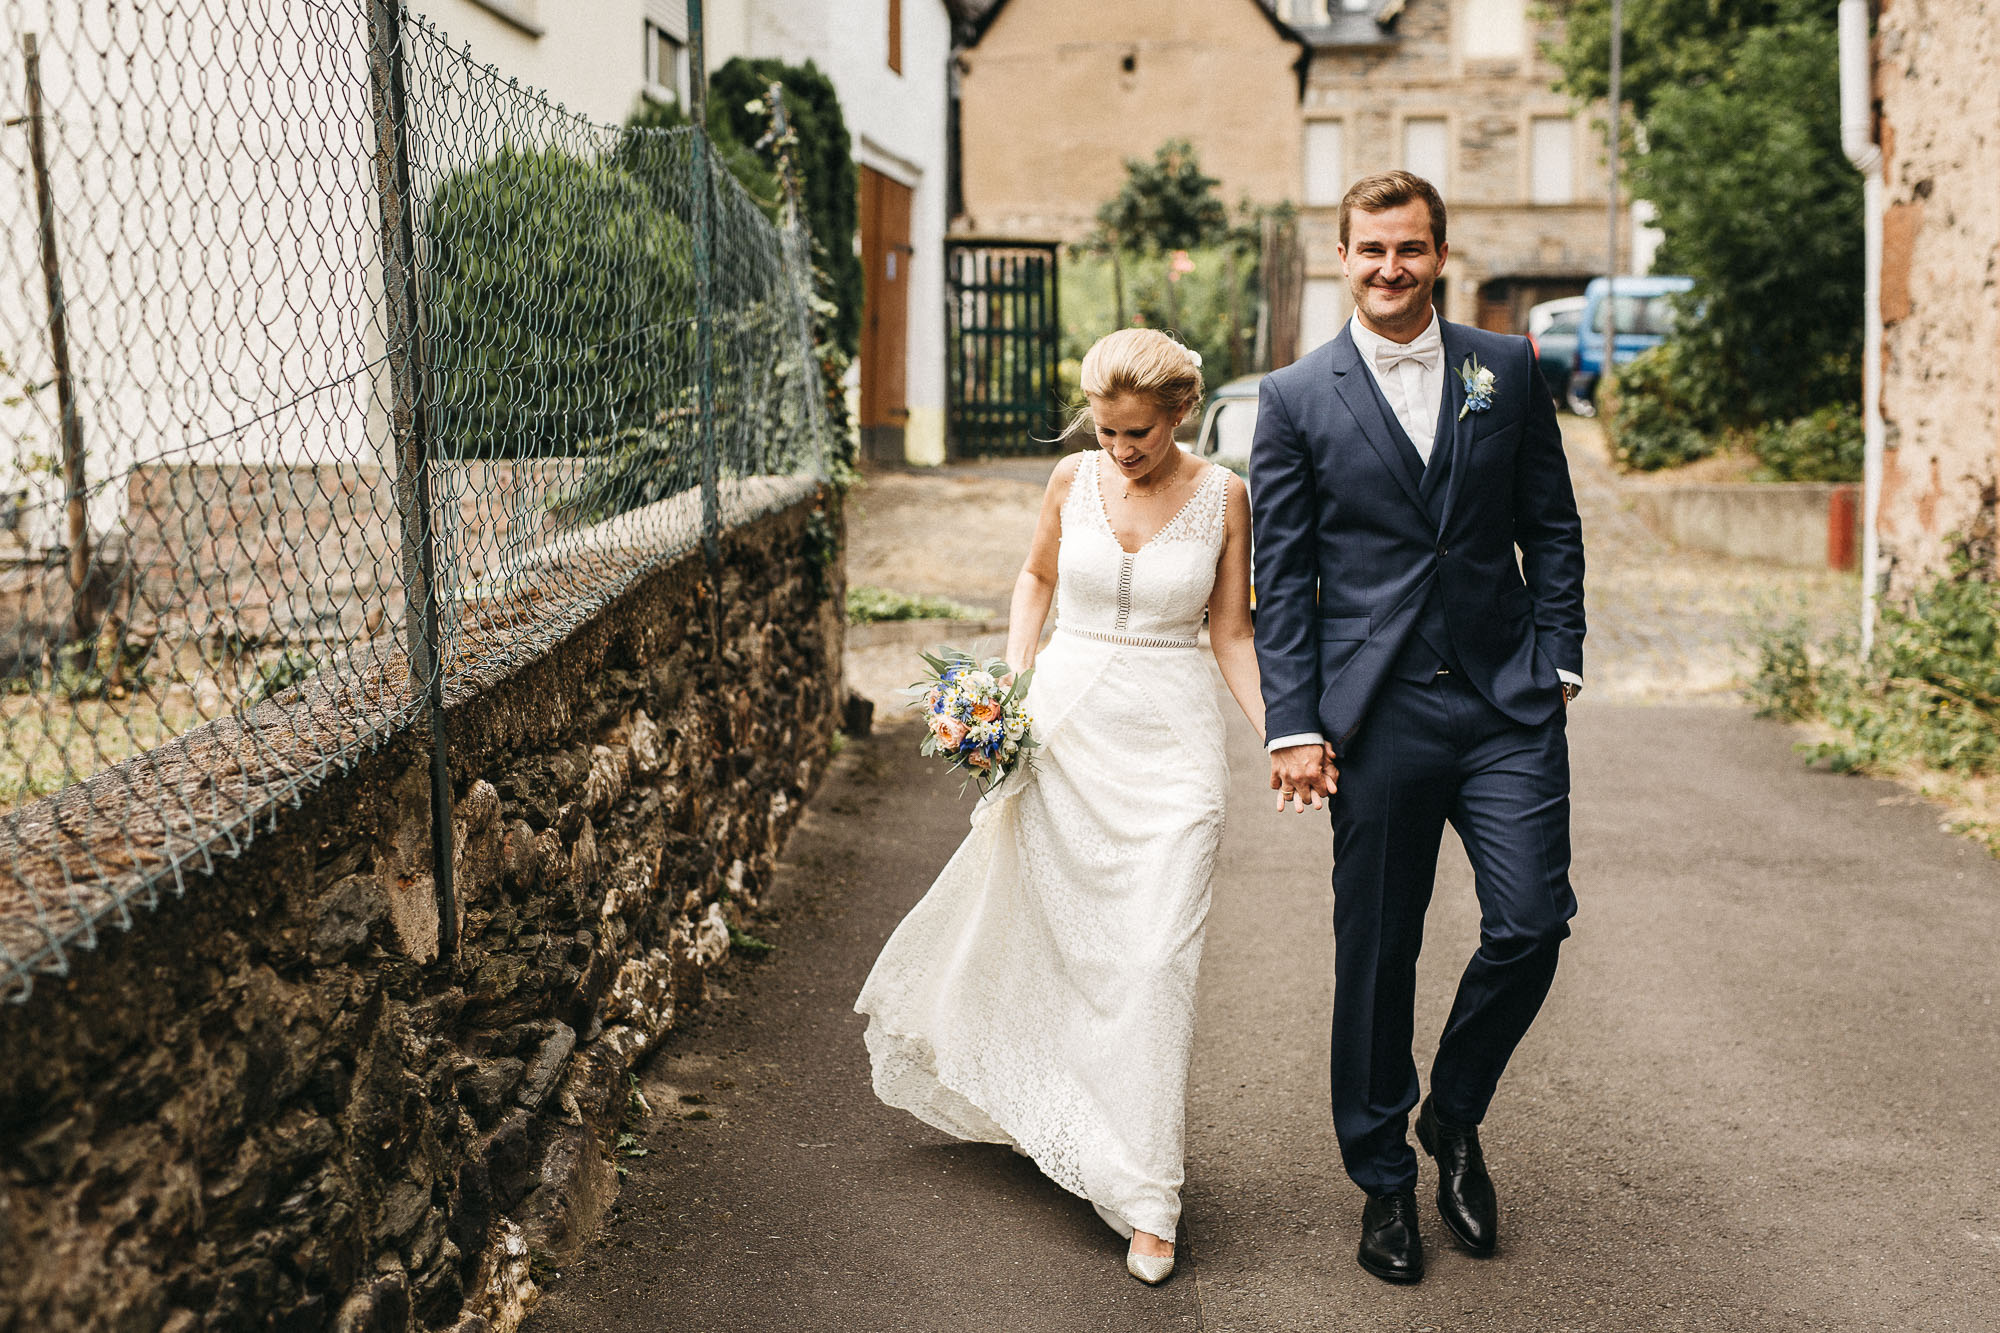 raissa simon photography wedding mosel kloster machern love authentic 288 - Kathrin + Dominik